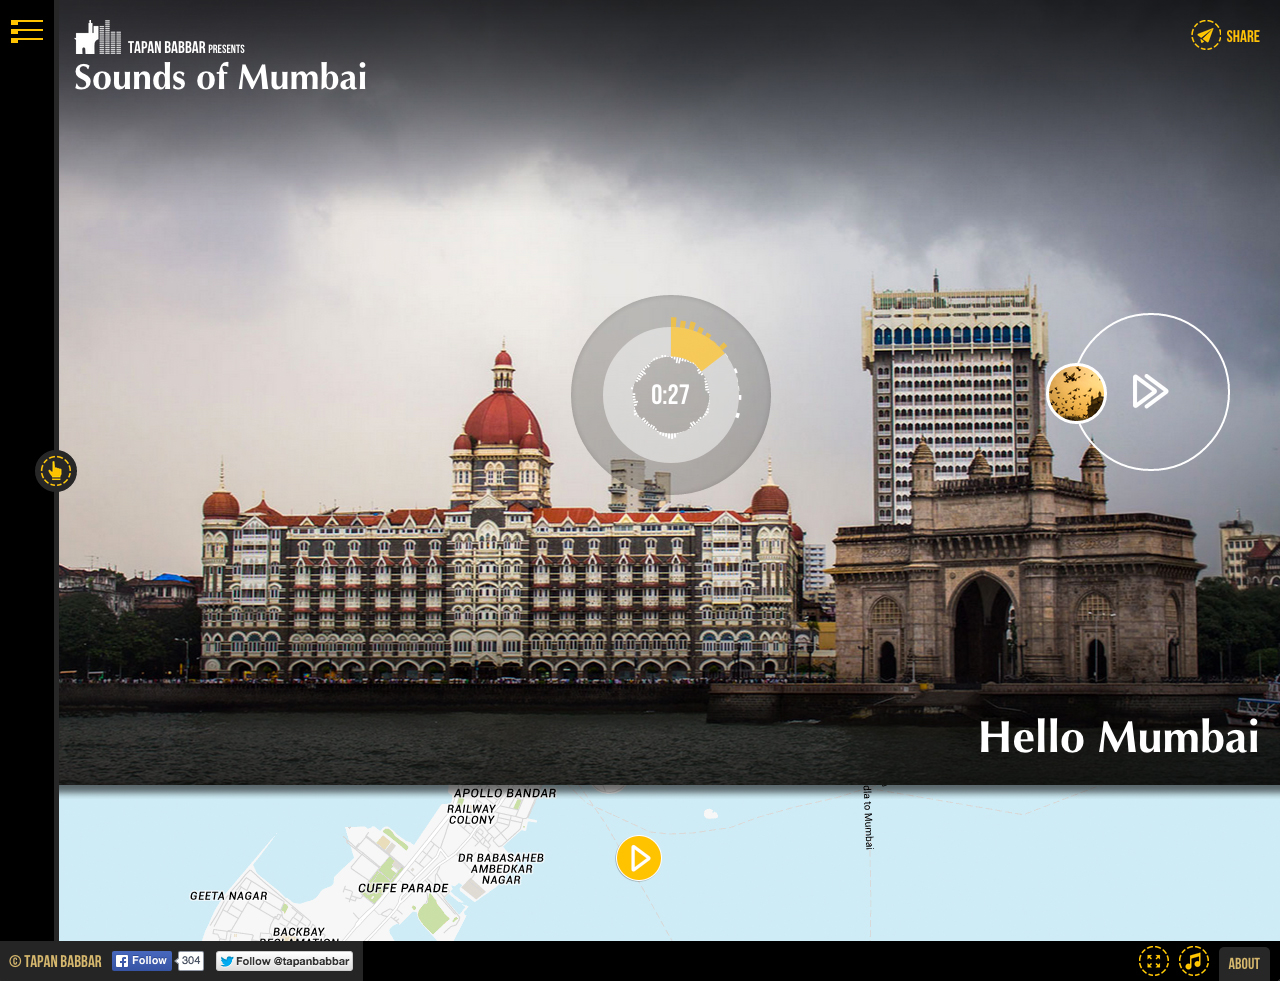 Sounds of Mumbai Website Screenshot